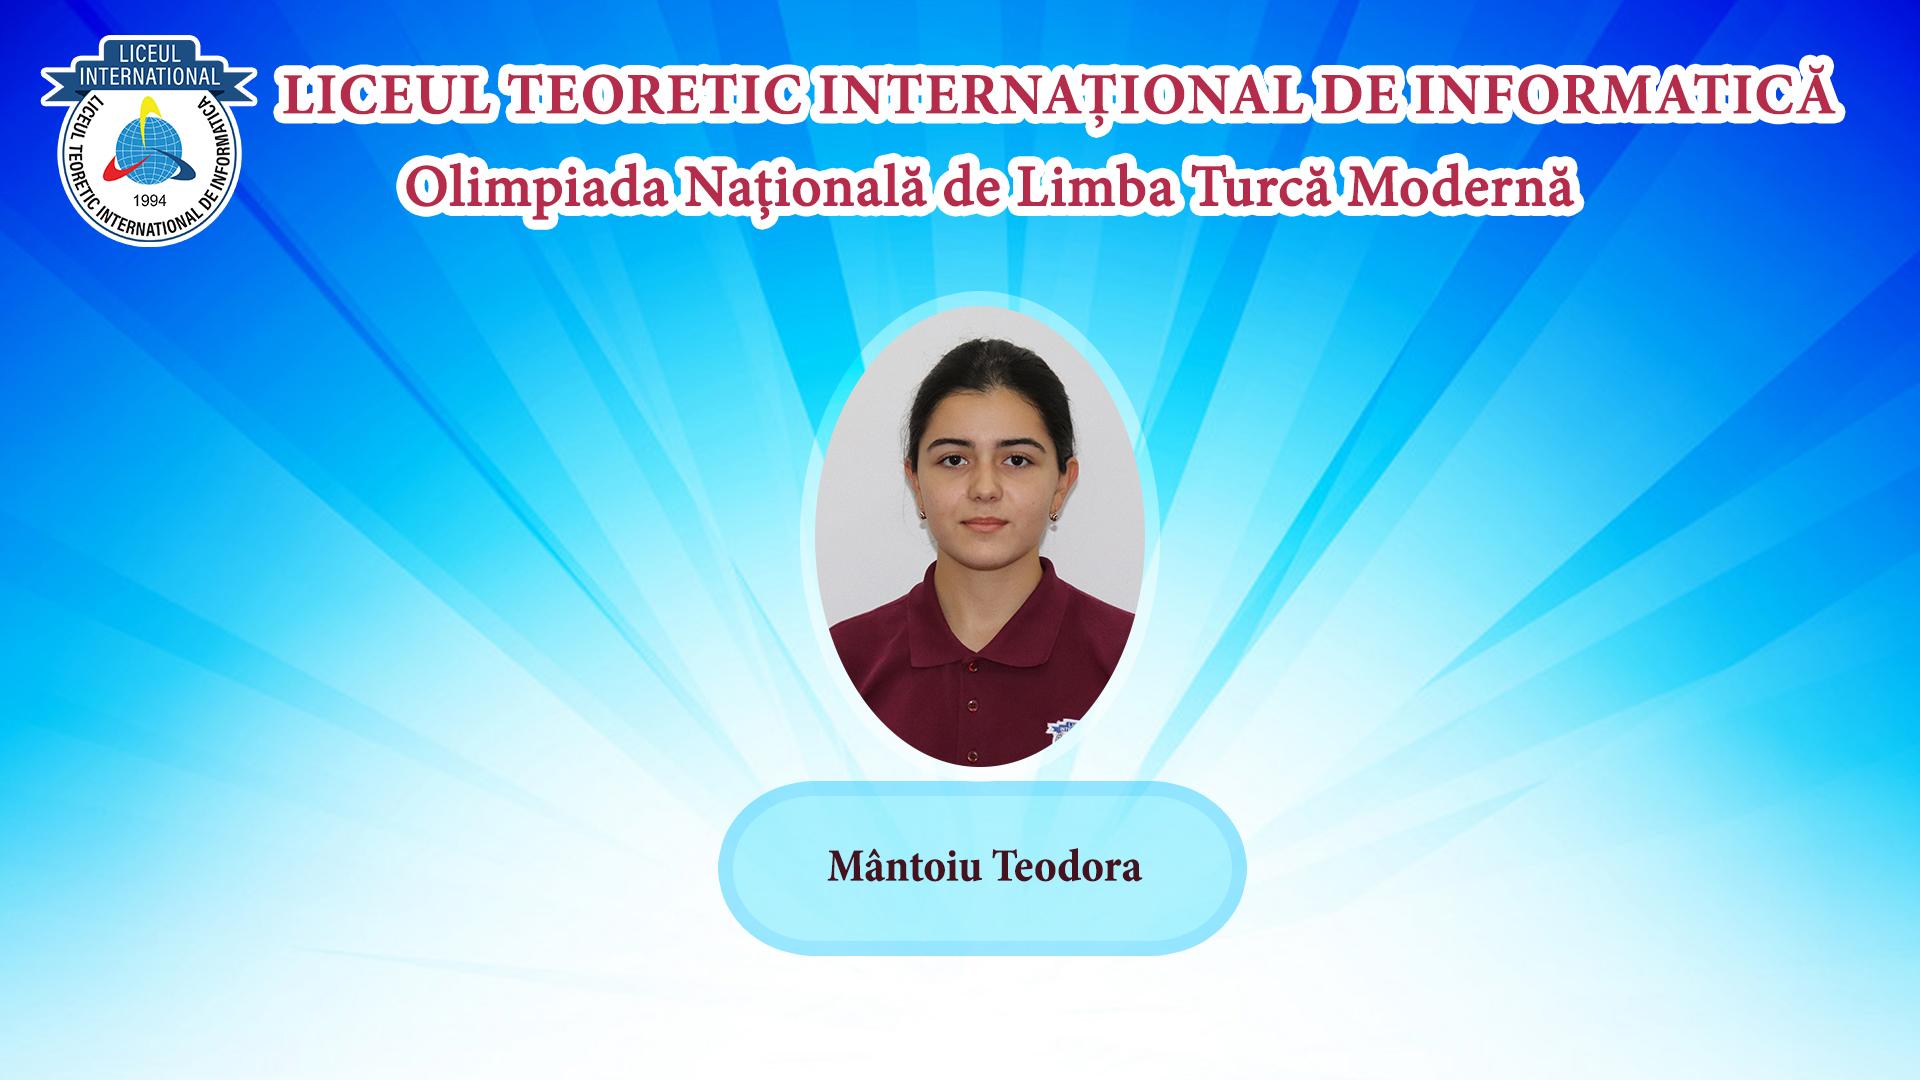 Olimpiada Națională de Limba Turcă Modernă